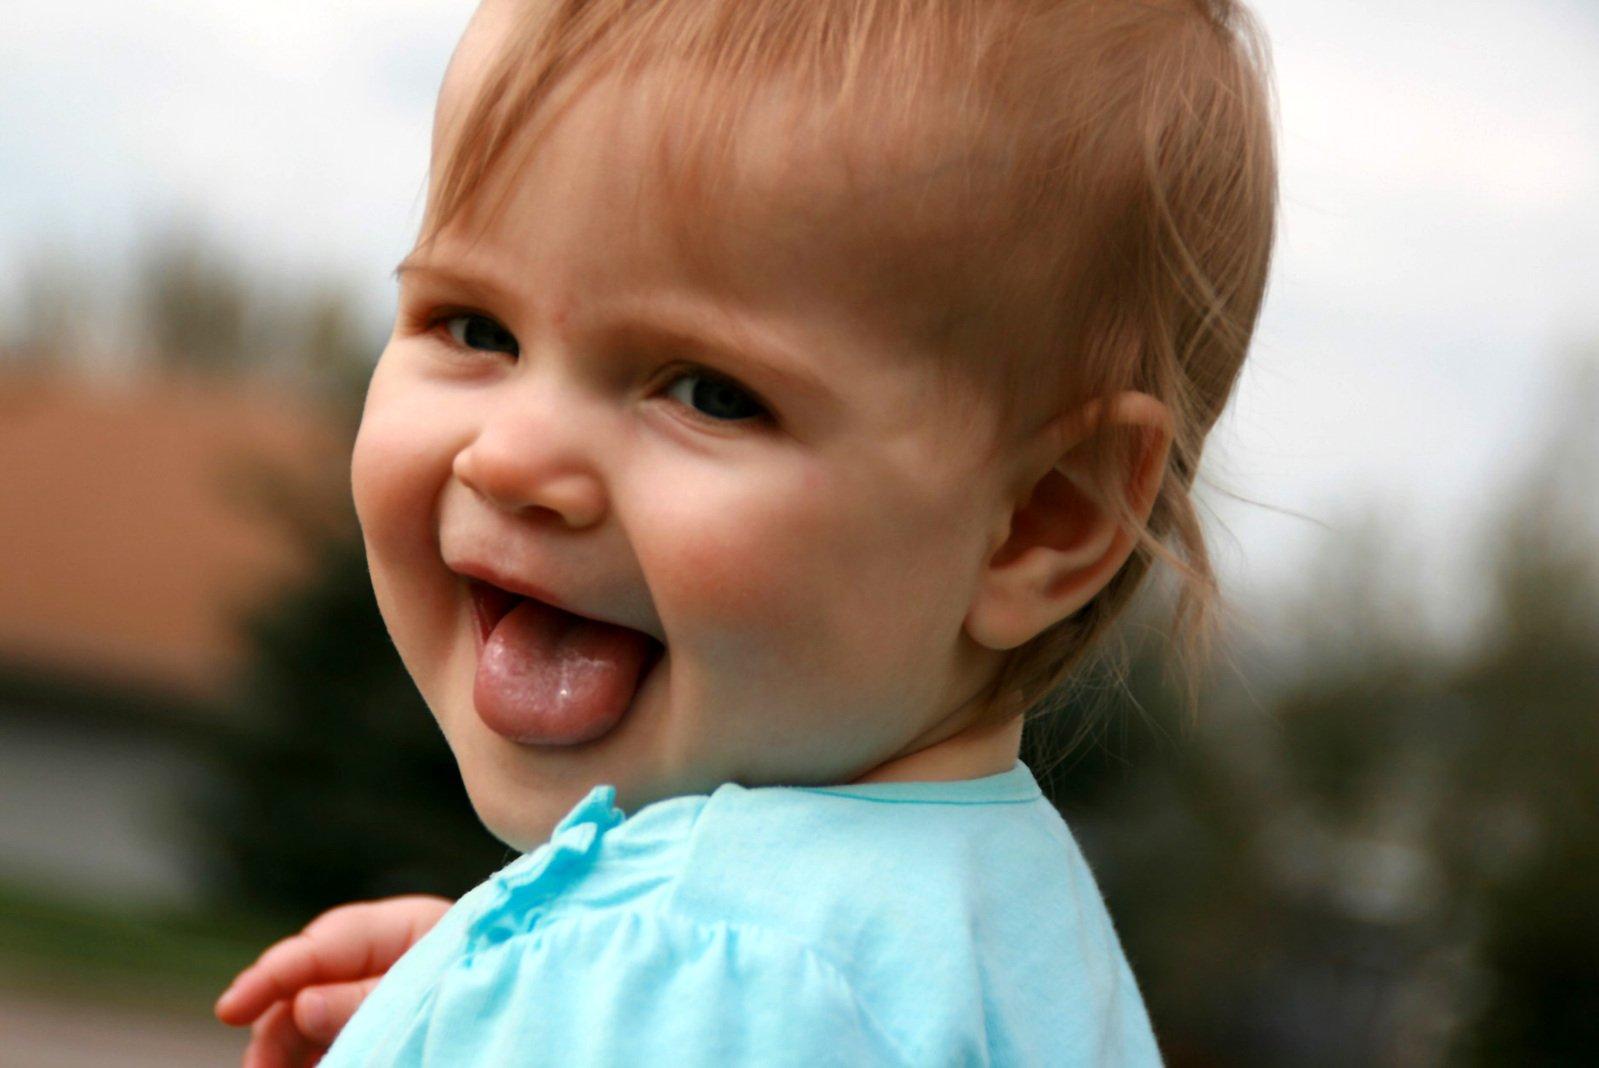 Triagem Neonatal: Teste da Linguinha